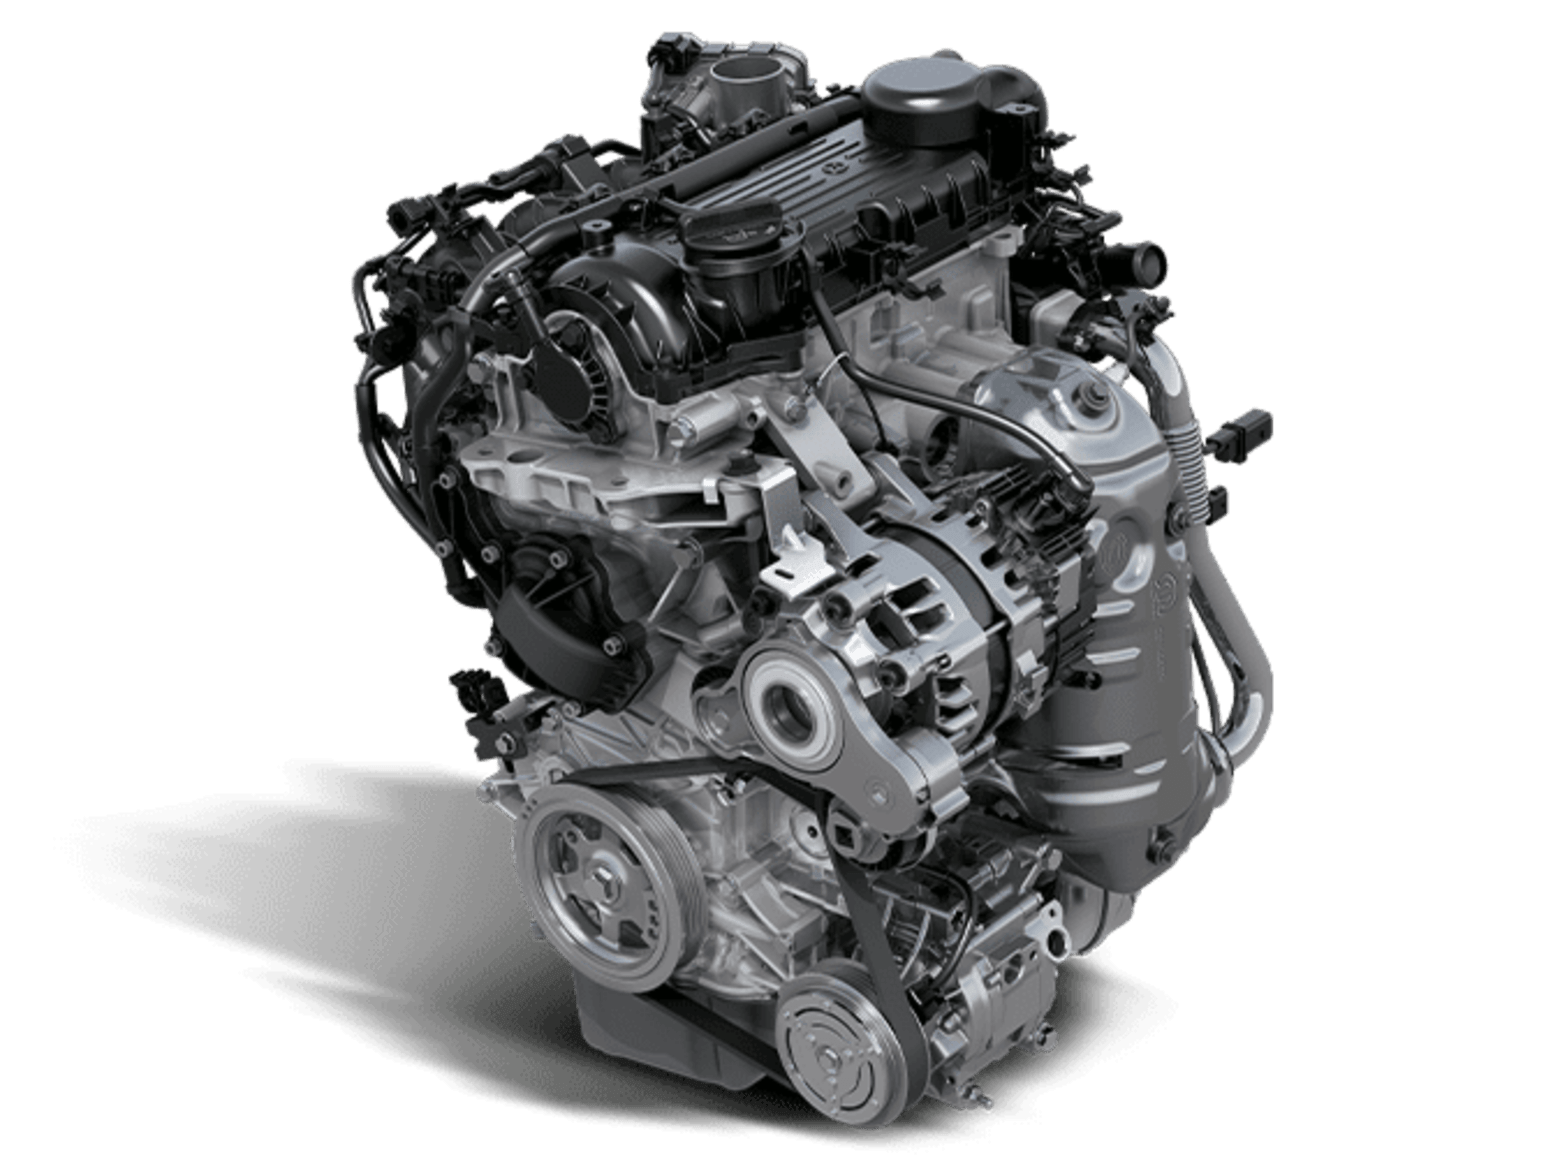 Fiat 500 Hybrid Engine